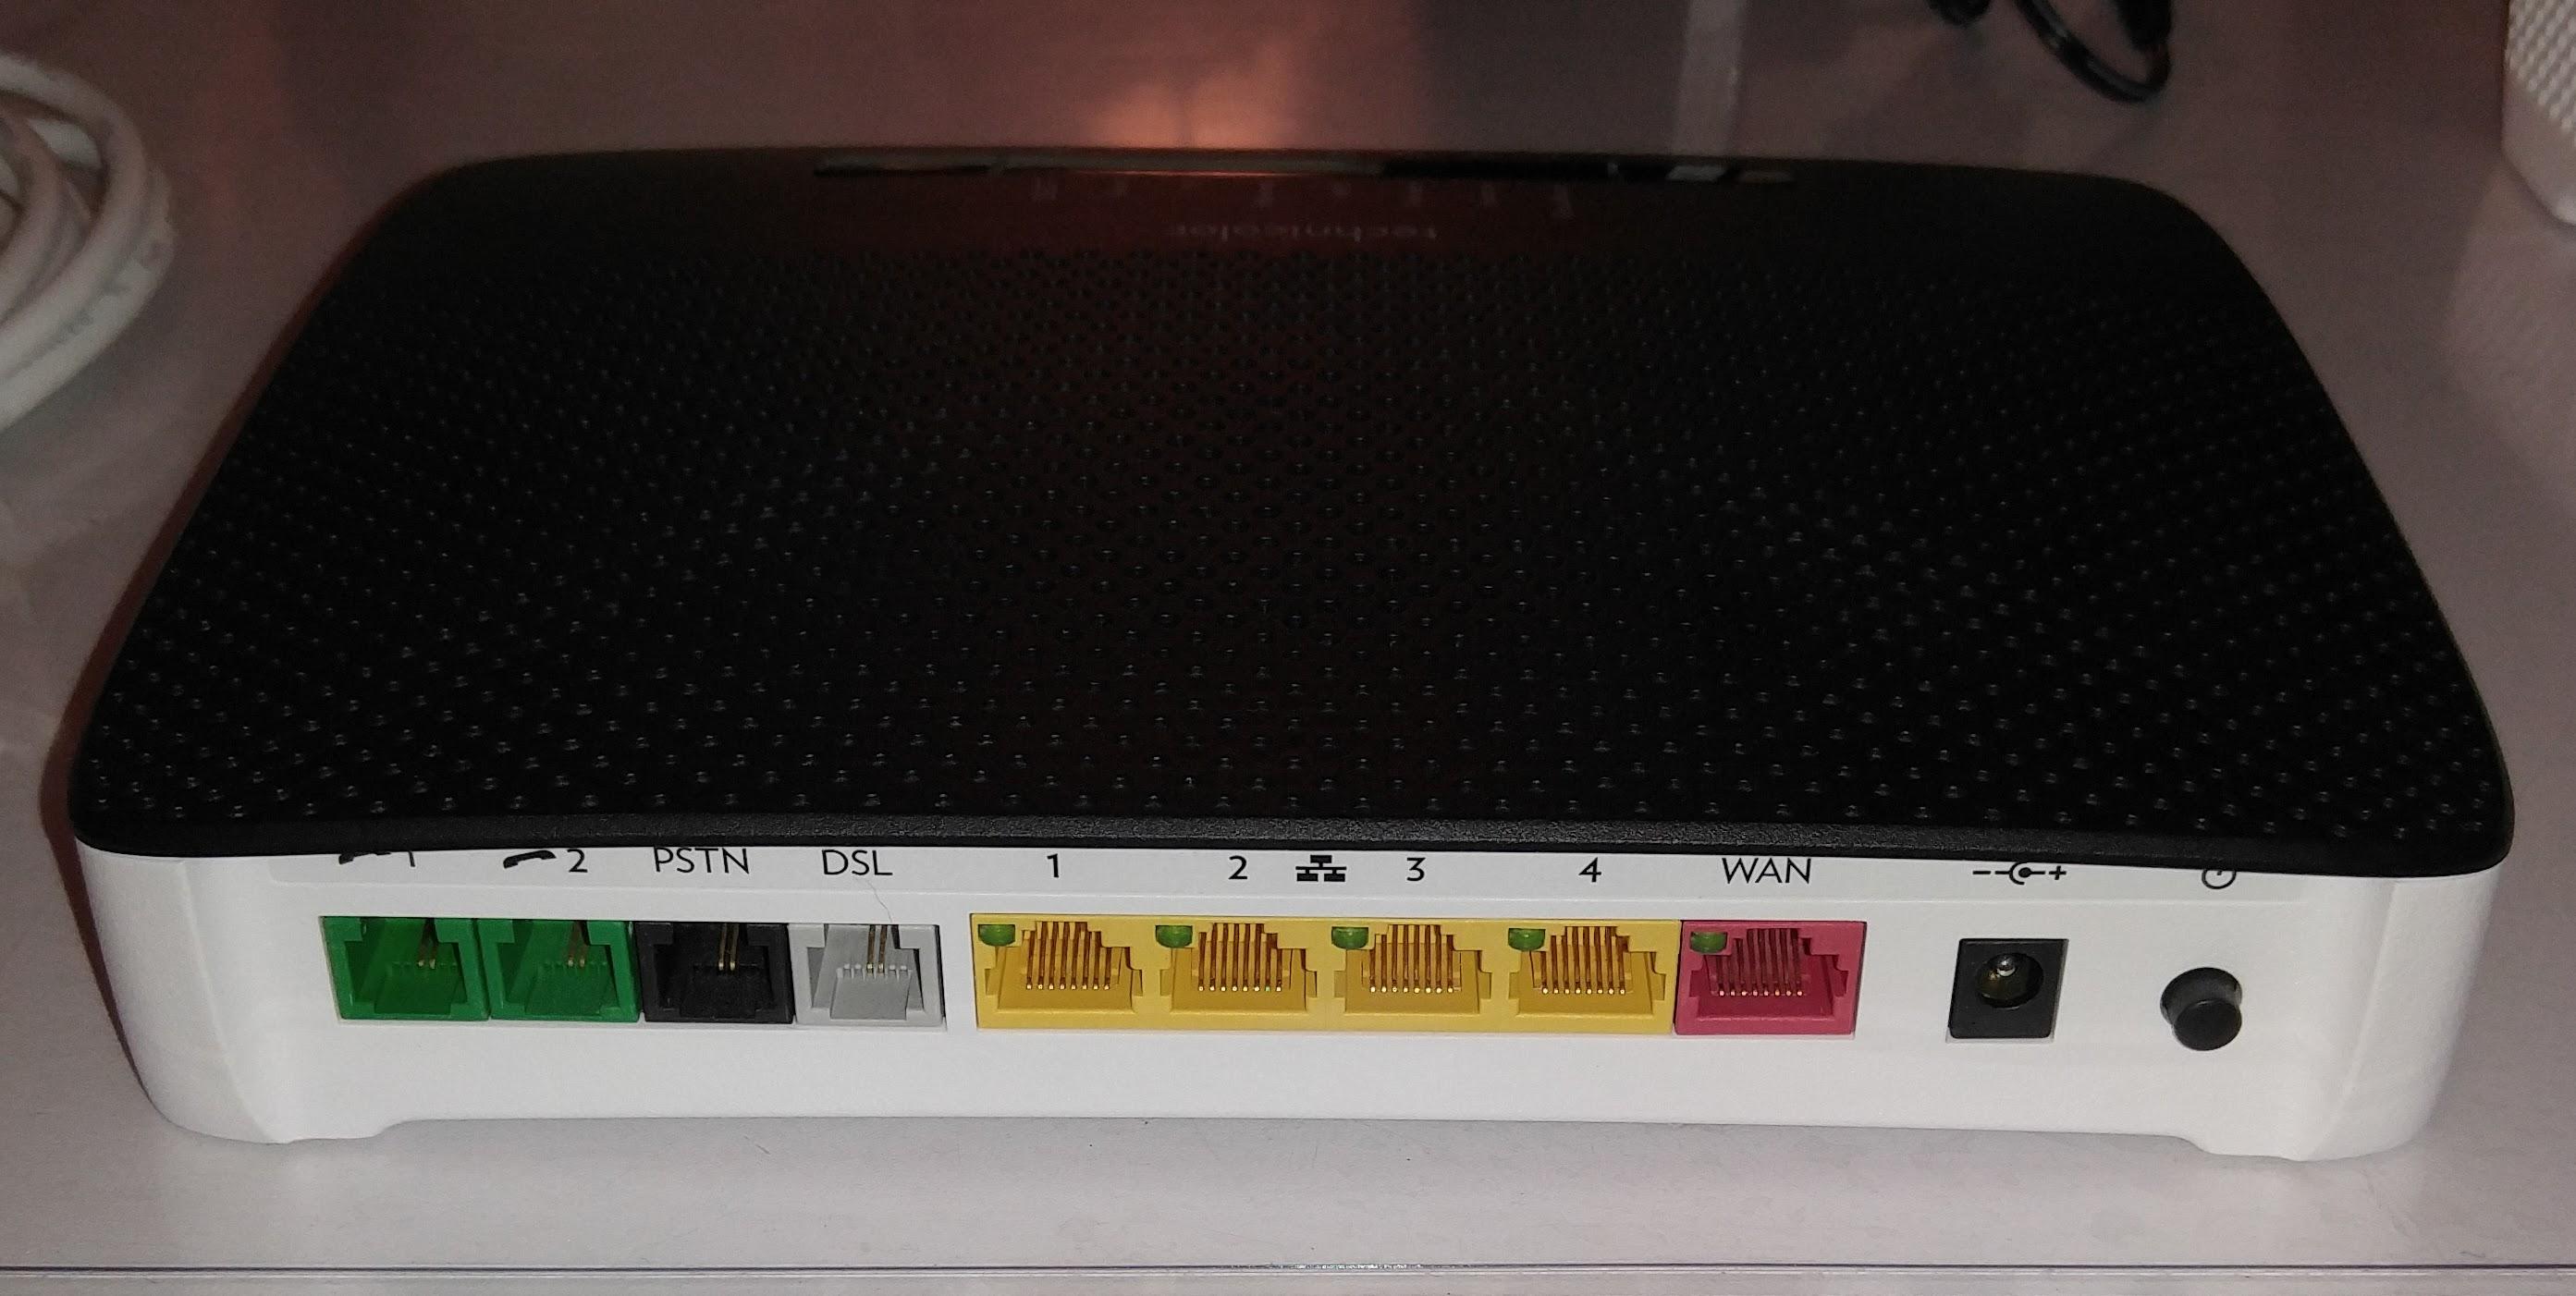 technicolor tg799tsvn v2 problem